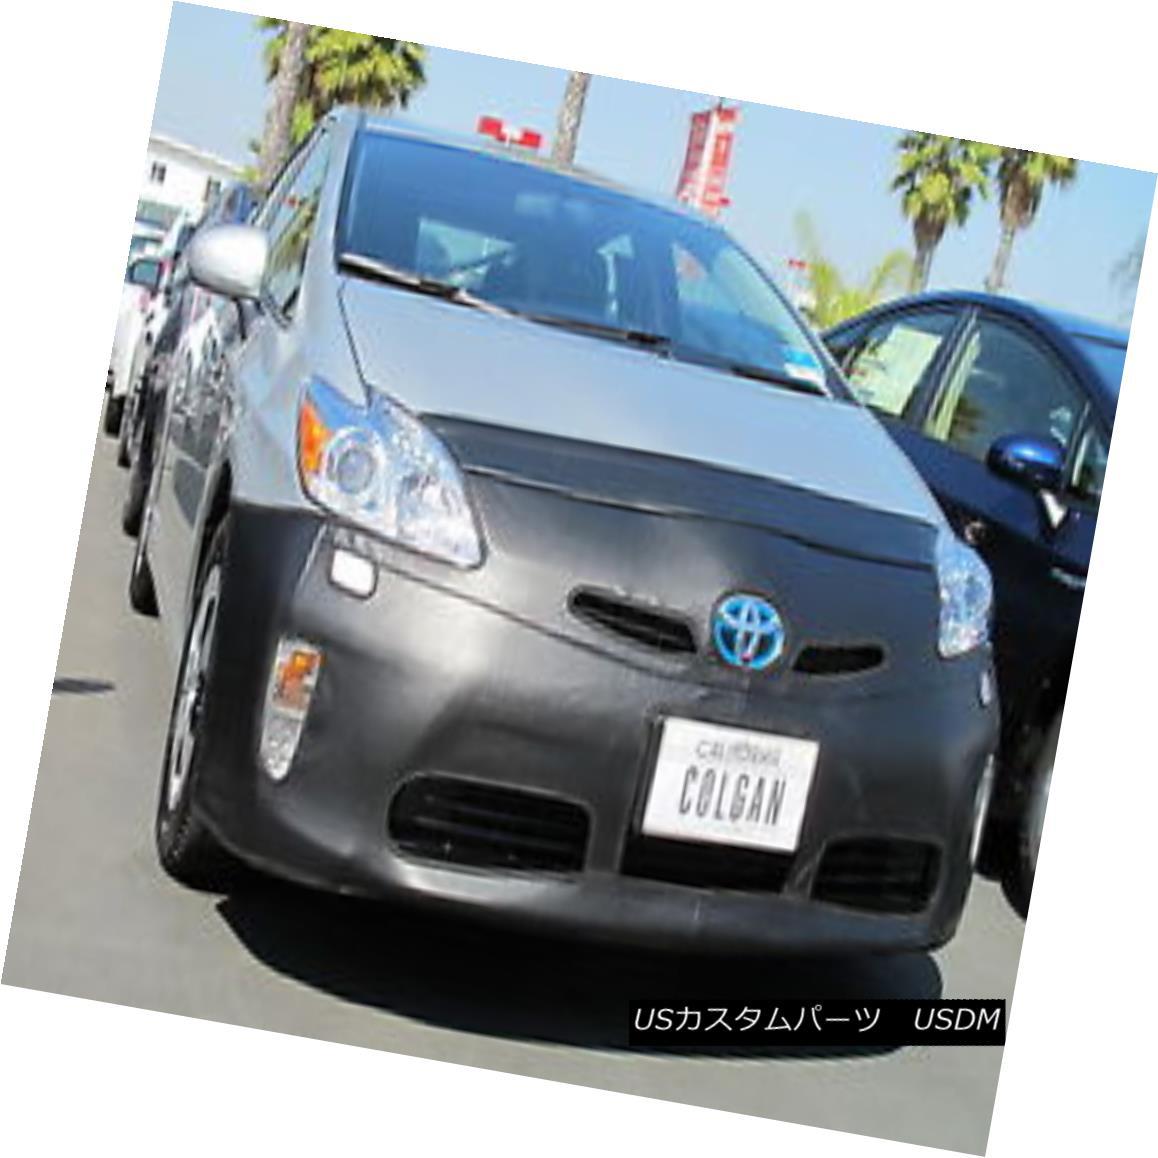 フルブラ ノーズブラ Colgan Front End Mask Bra 2pc. Fits Toyota Prius 2012-2015 W/O Lic.Plate,W/Wash コルガンフロントエンドマスクブラ2pc Toyota Prius 2012-2015 W / O Lic.Plate、W / Wa shに適合